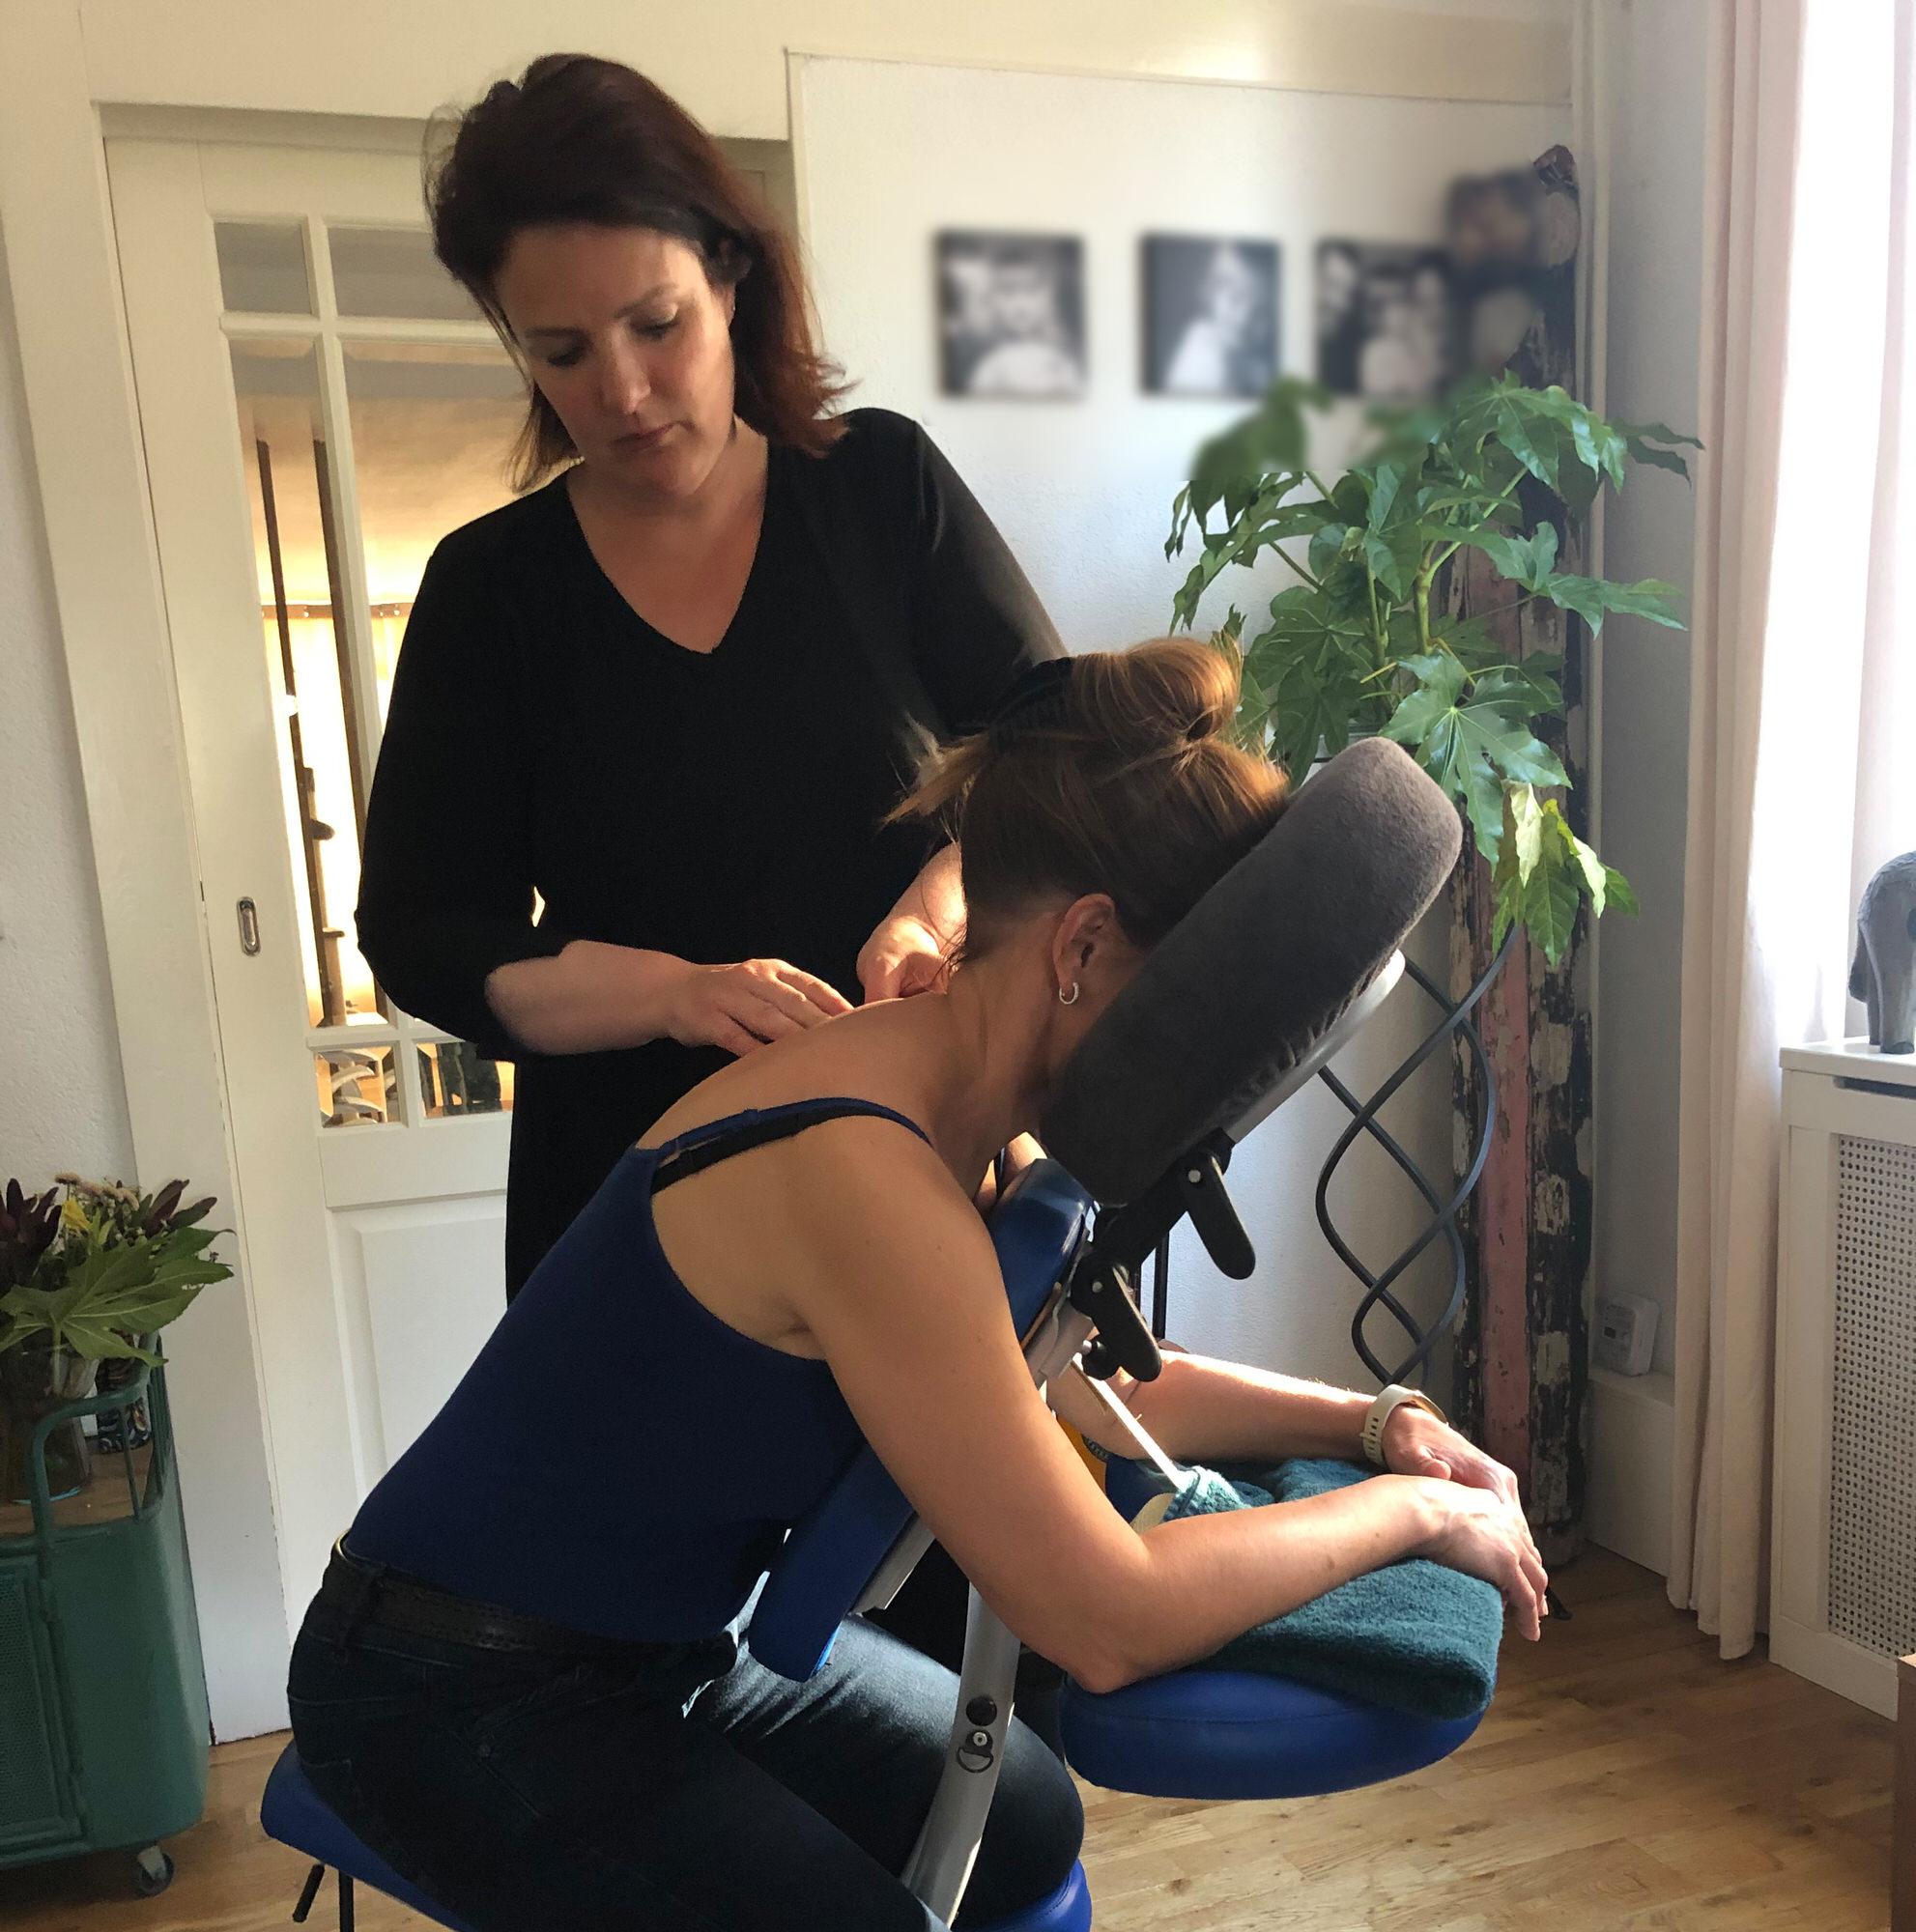 Maak een afspraak voor een massage op locatie vierkanter